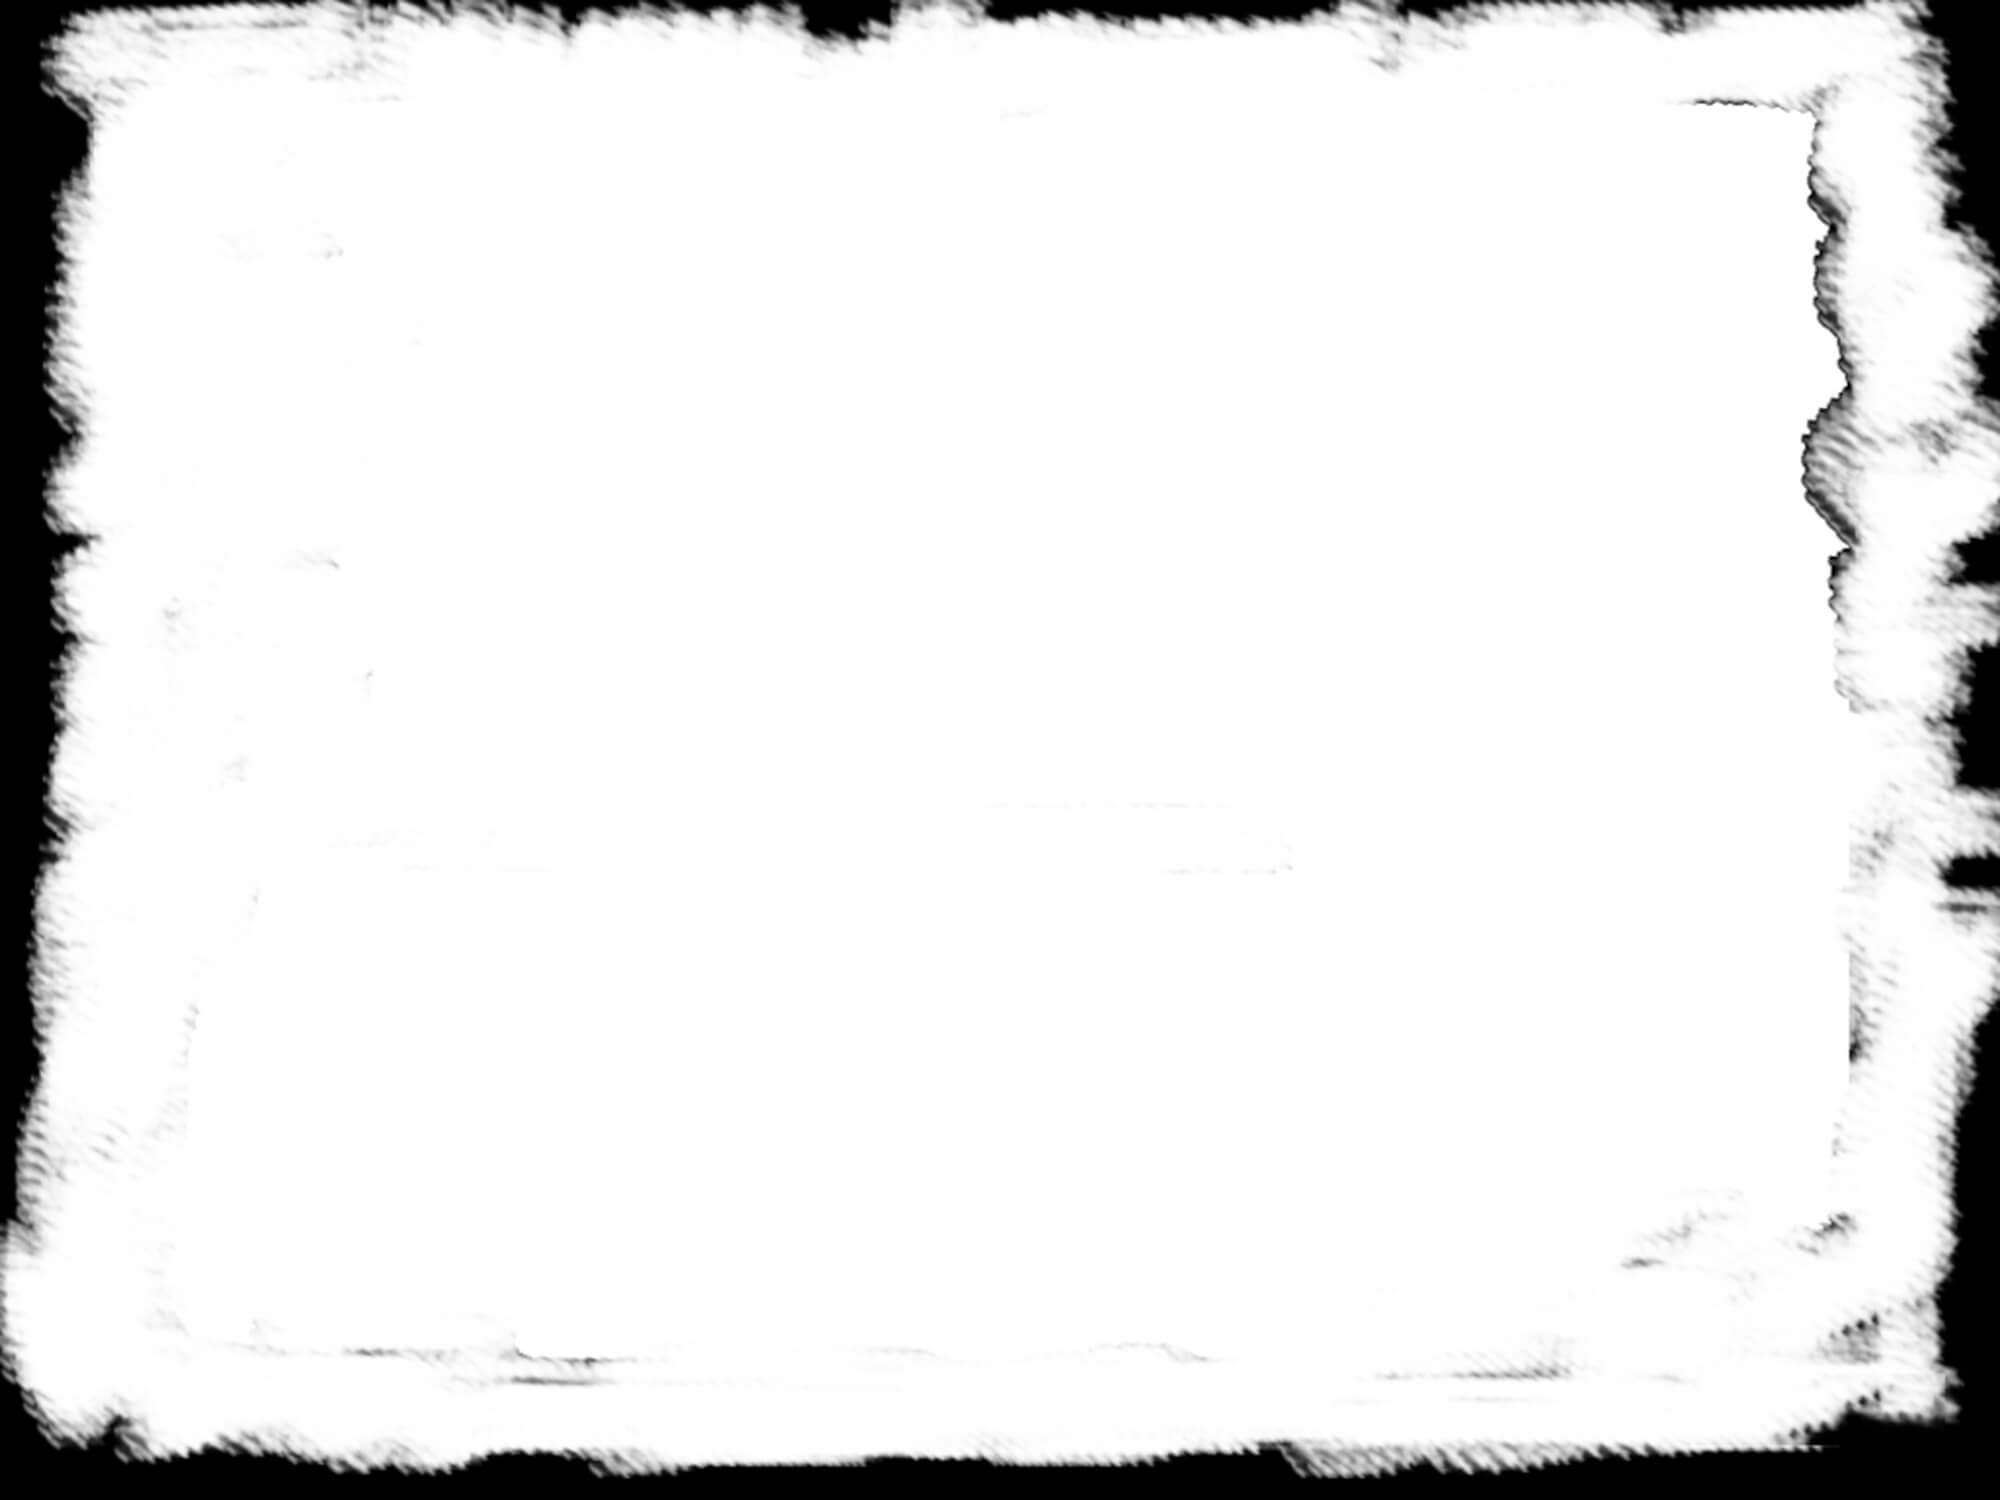 anh-nen-powerpoint-lich-su-27.jpg